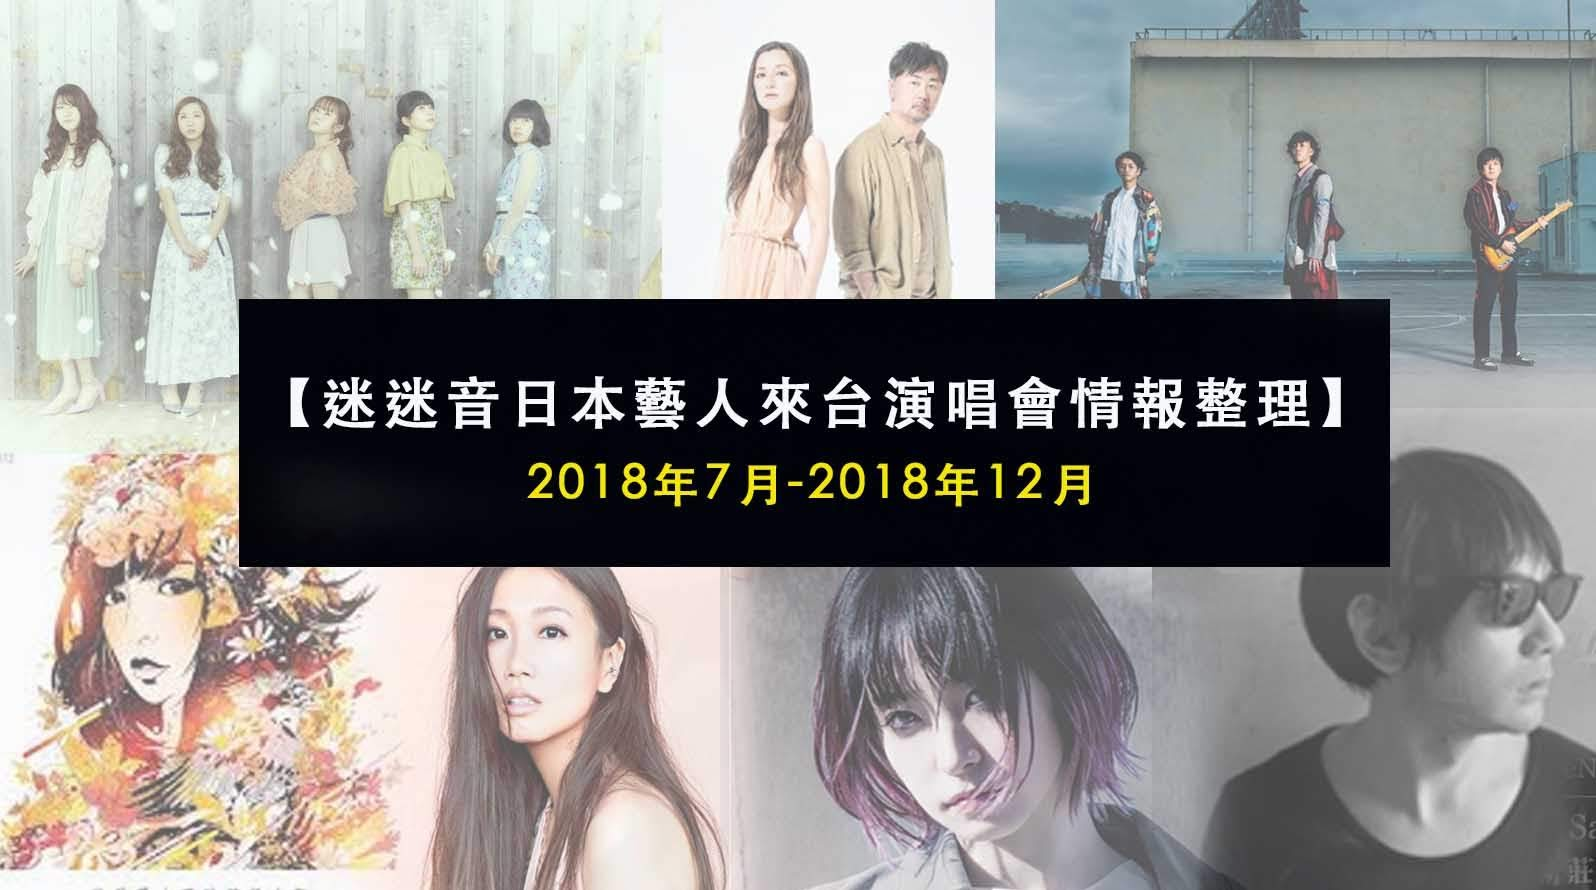 【迷迷音日本藝人來台演唱會情報整理】2018年7月-2018年12月